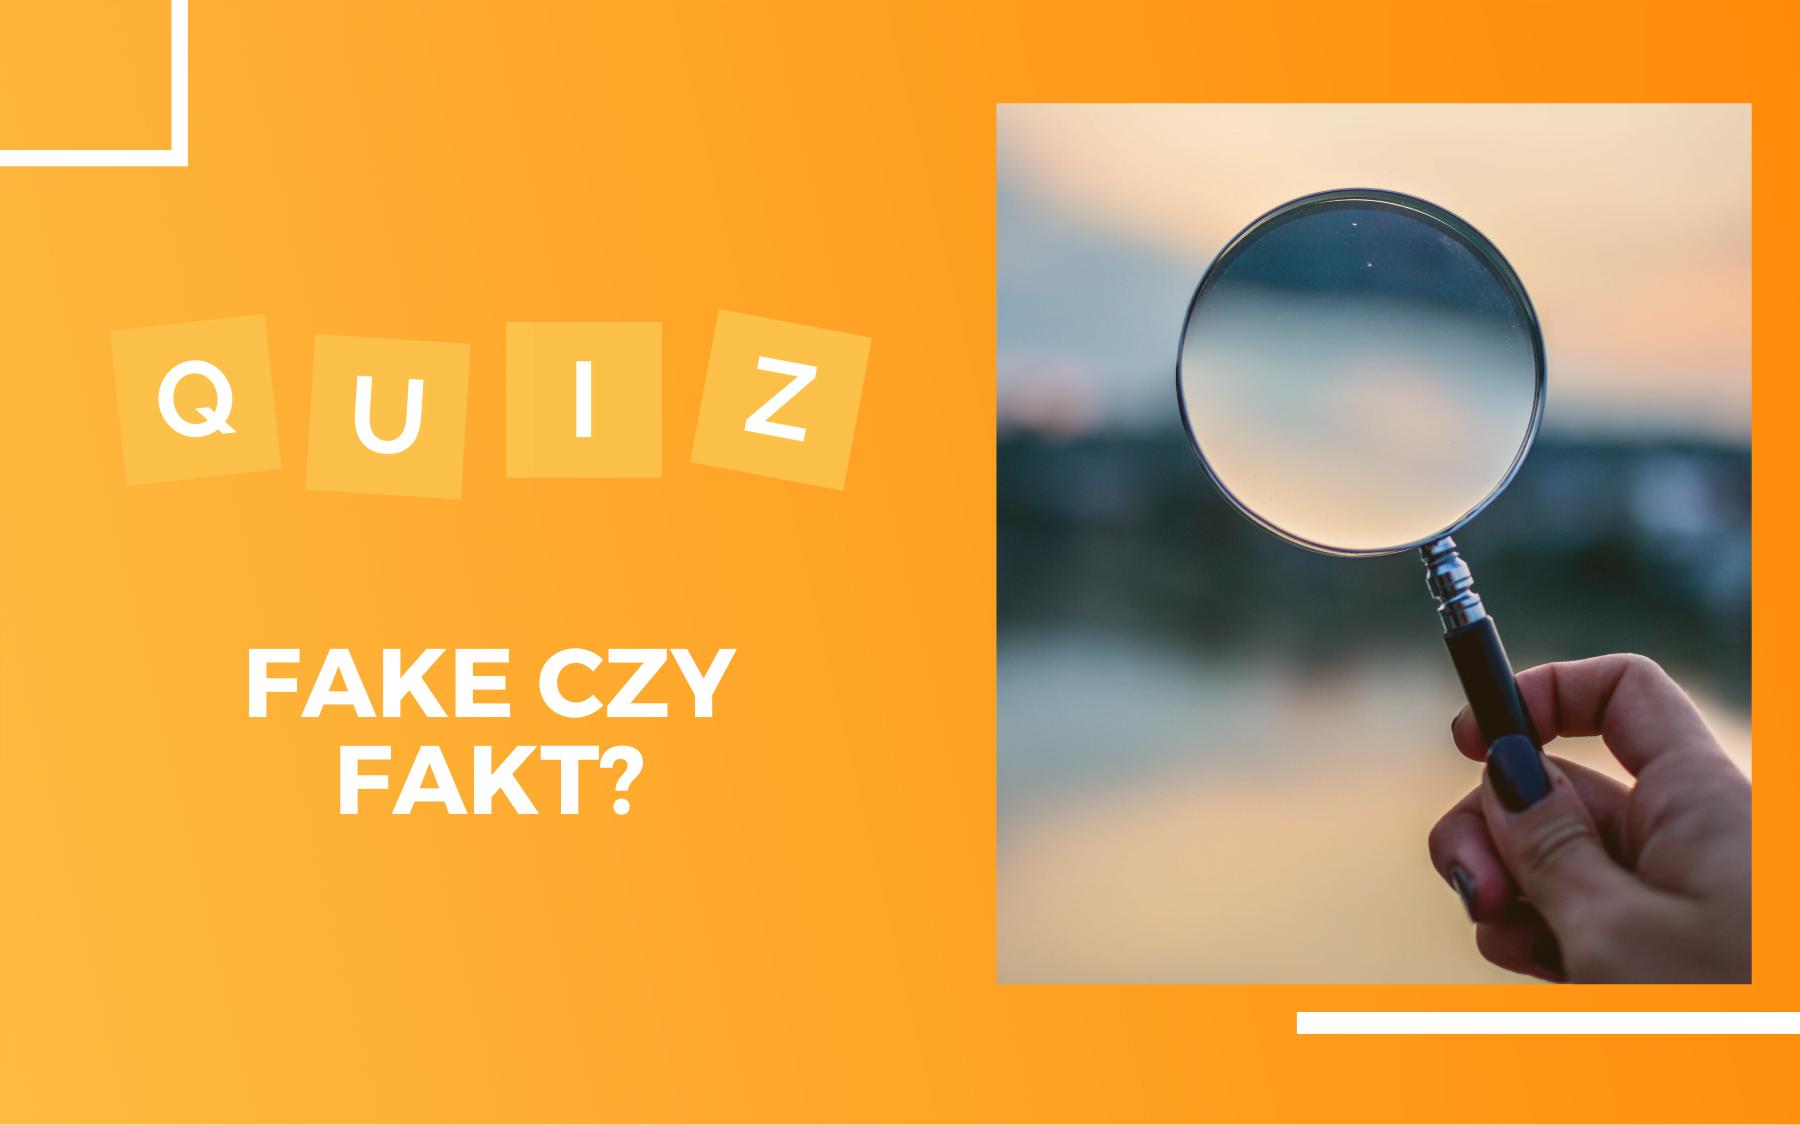 szkło powiększające trzymane w dłoni. Obok napis - Quiz: Fake czy fakt?